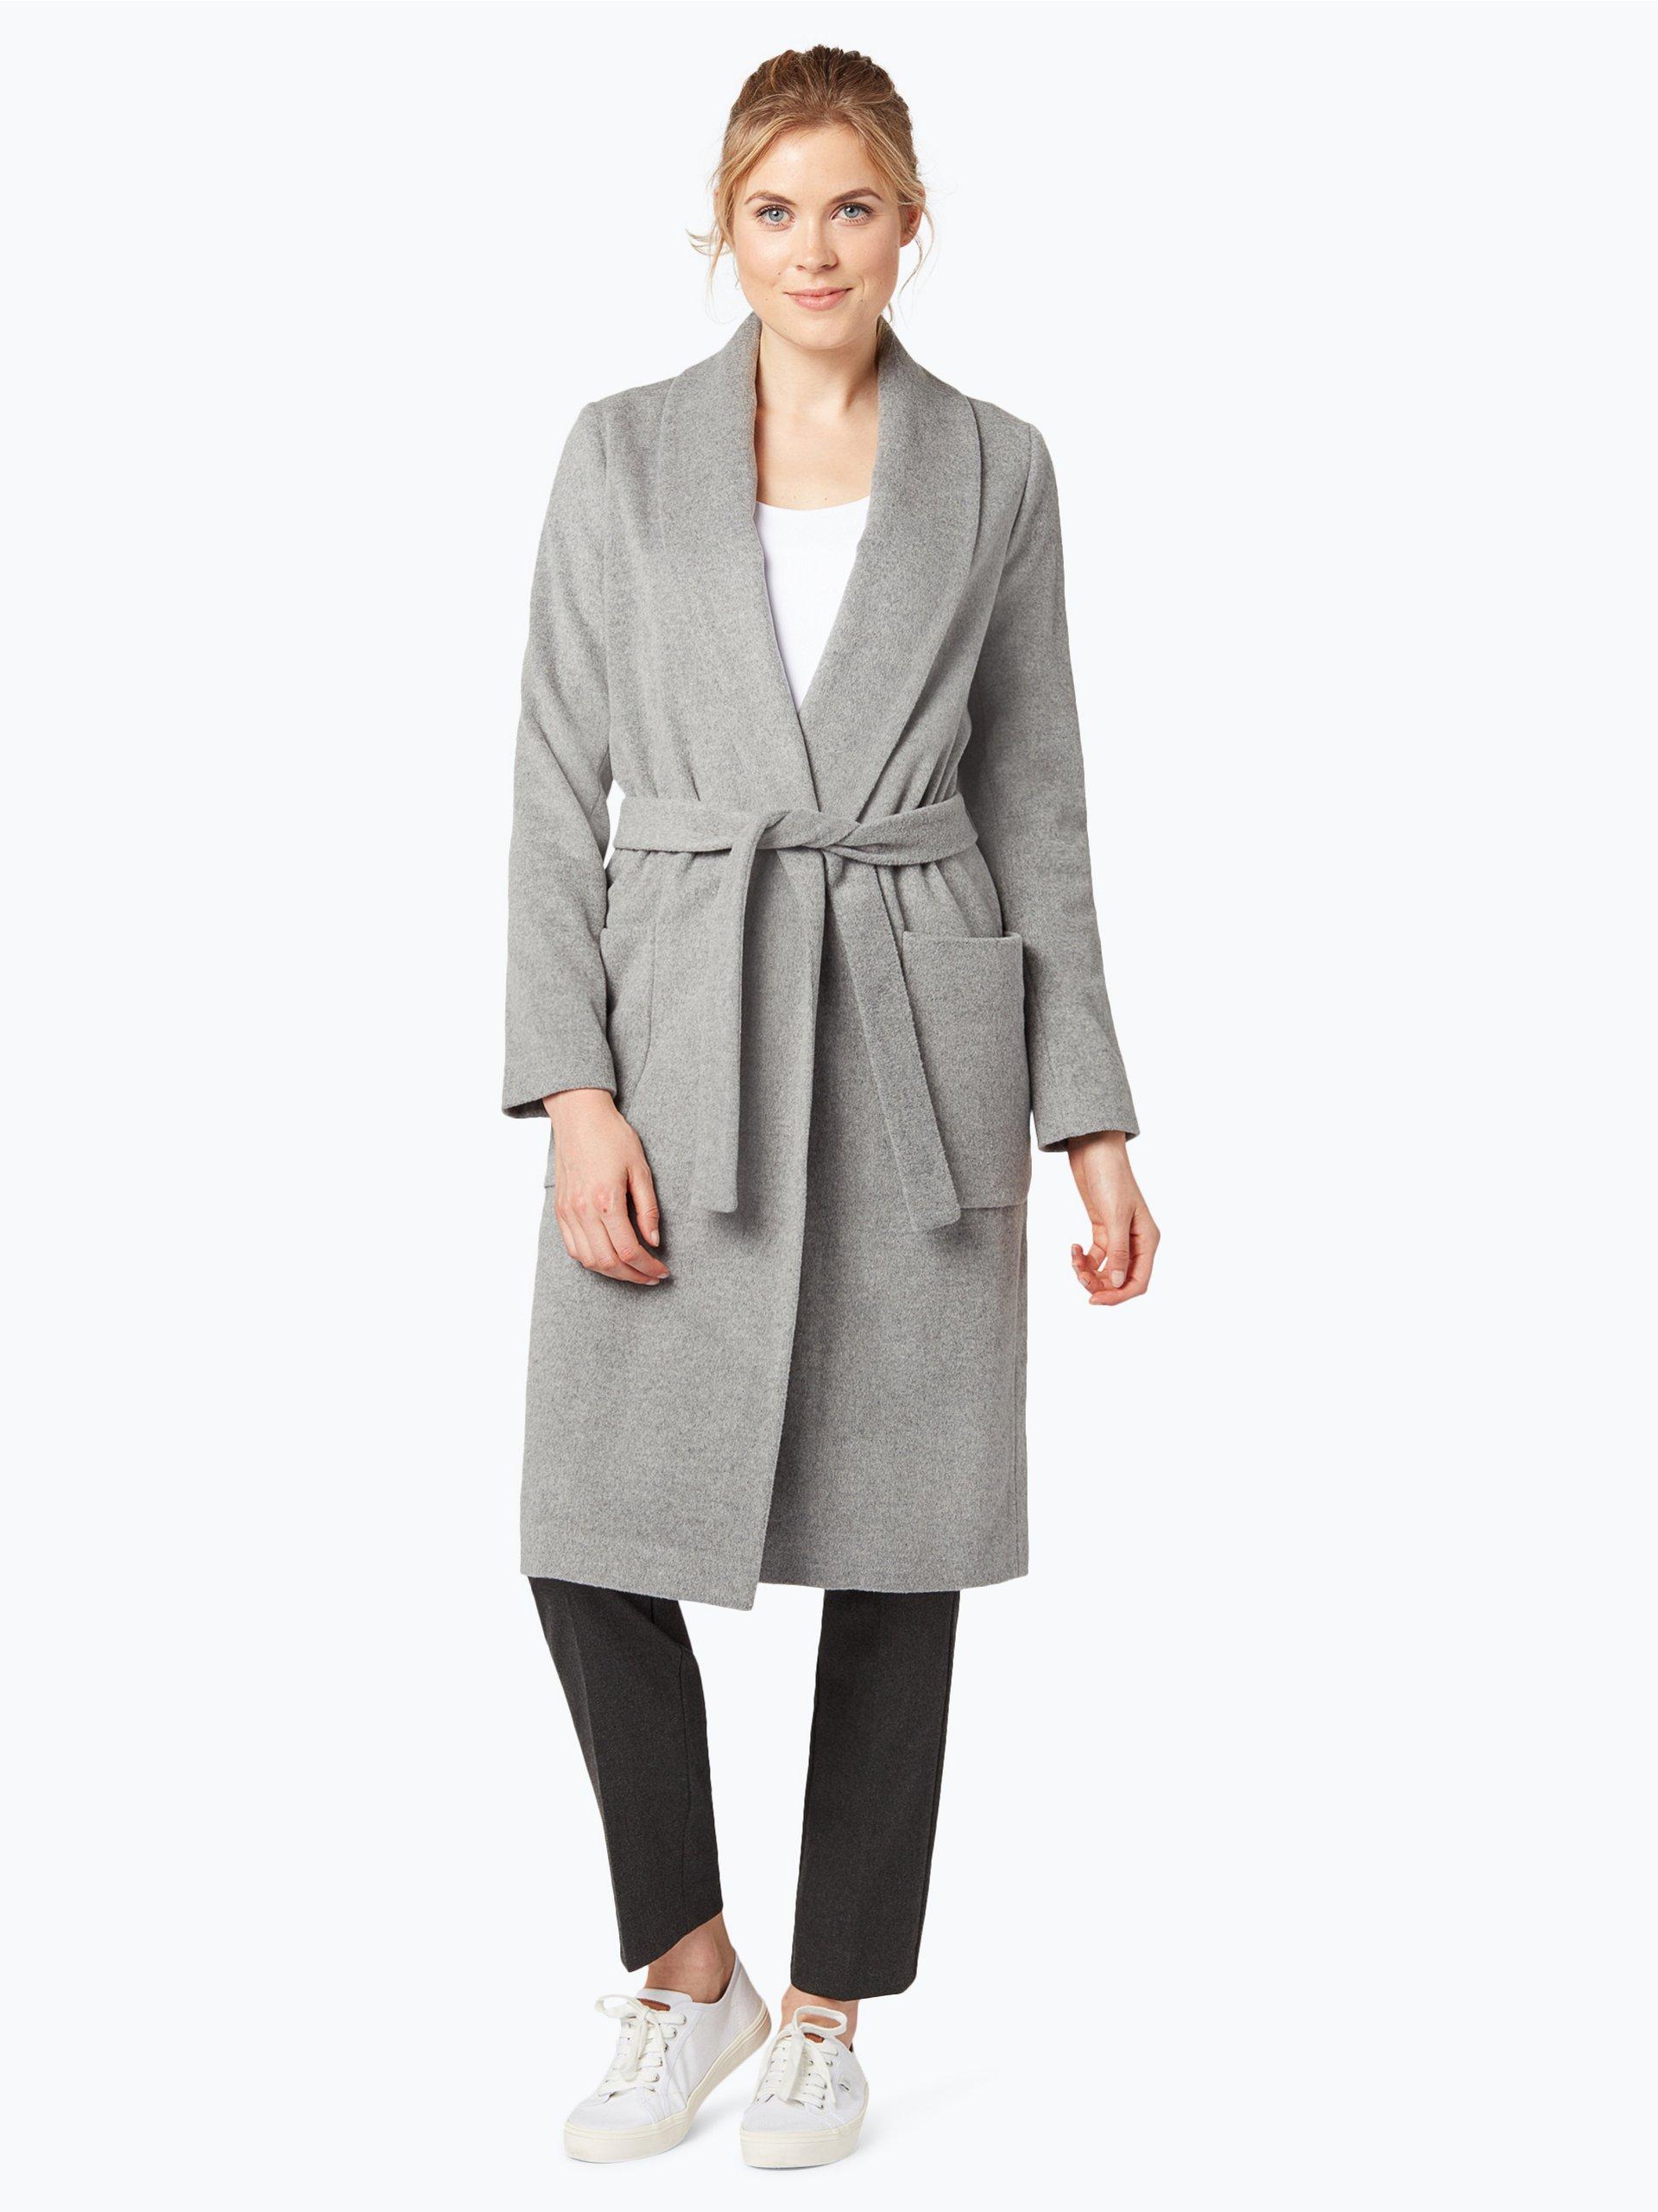 apriori damen mantel mit cashmere anteil coordinates 2 online kaufen peek und cloppenburg de. Black Bedroom Furniture Sets. Home Design Ideas